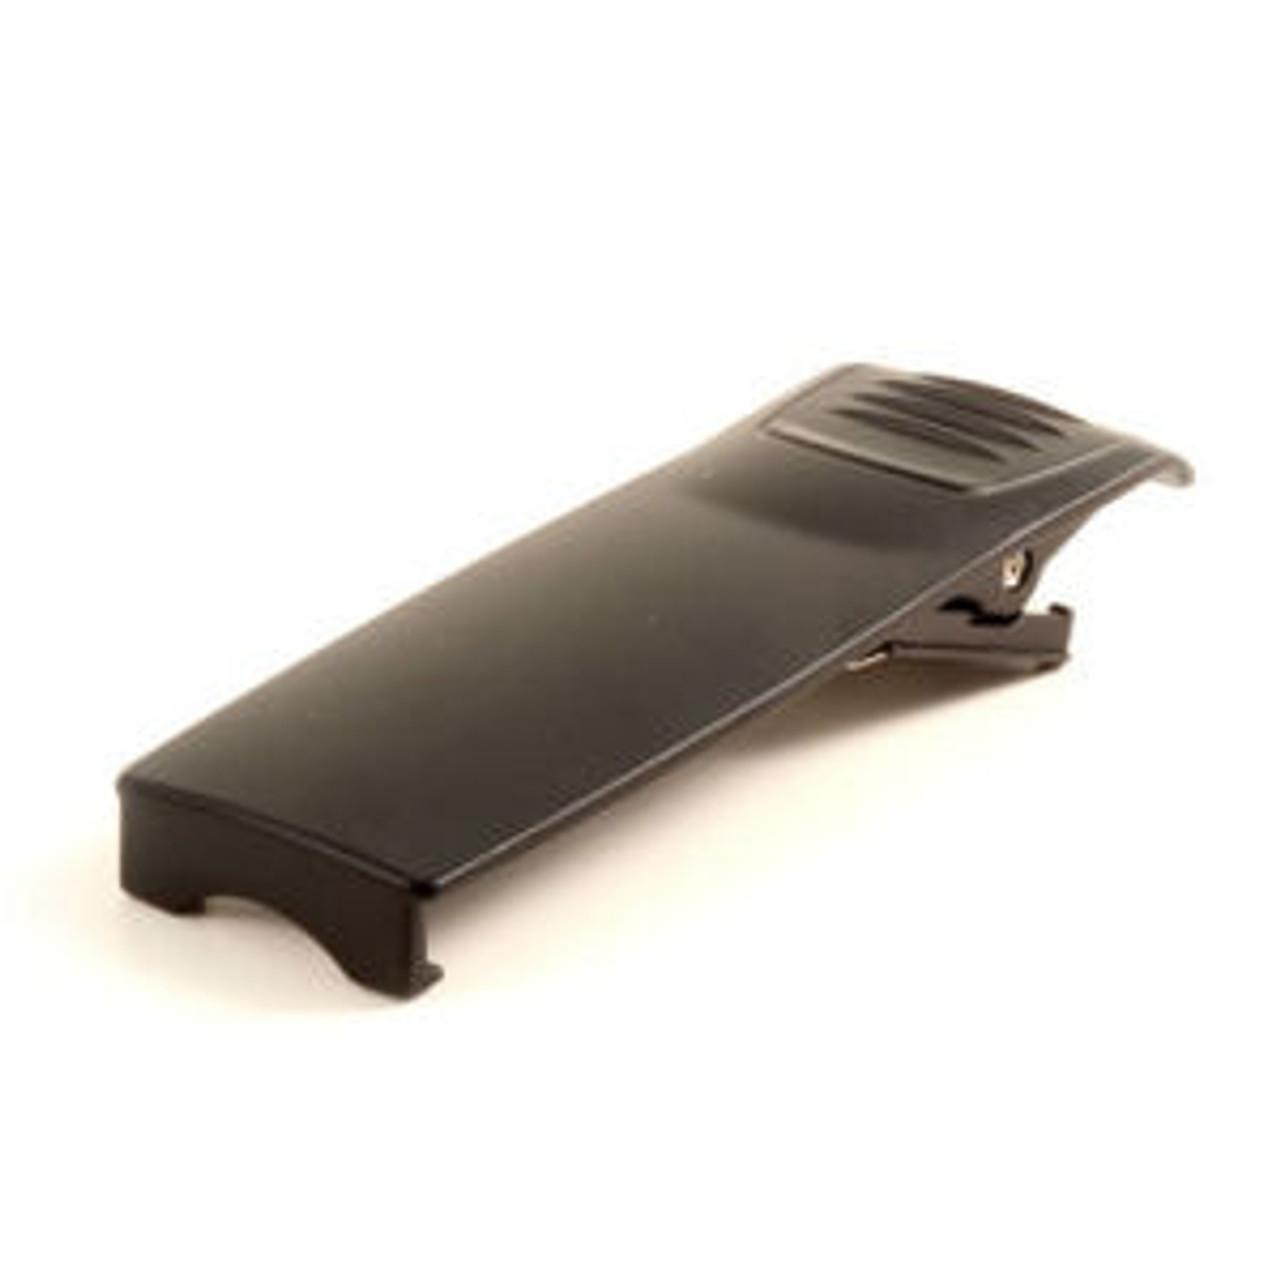 GE / Ericsson 700P Metal, Spring Loaded Belt Clip